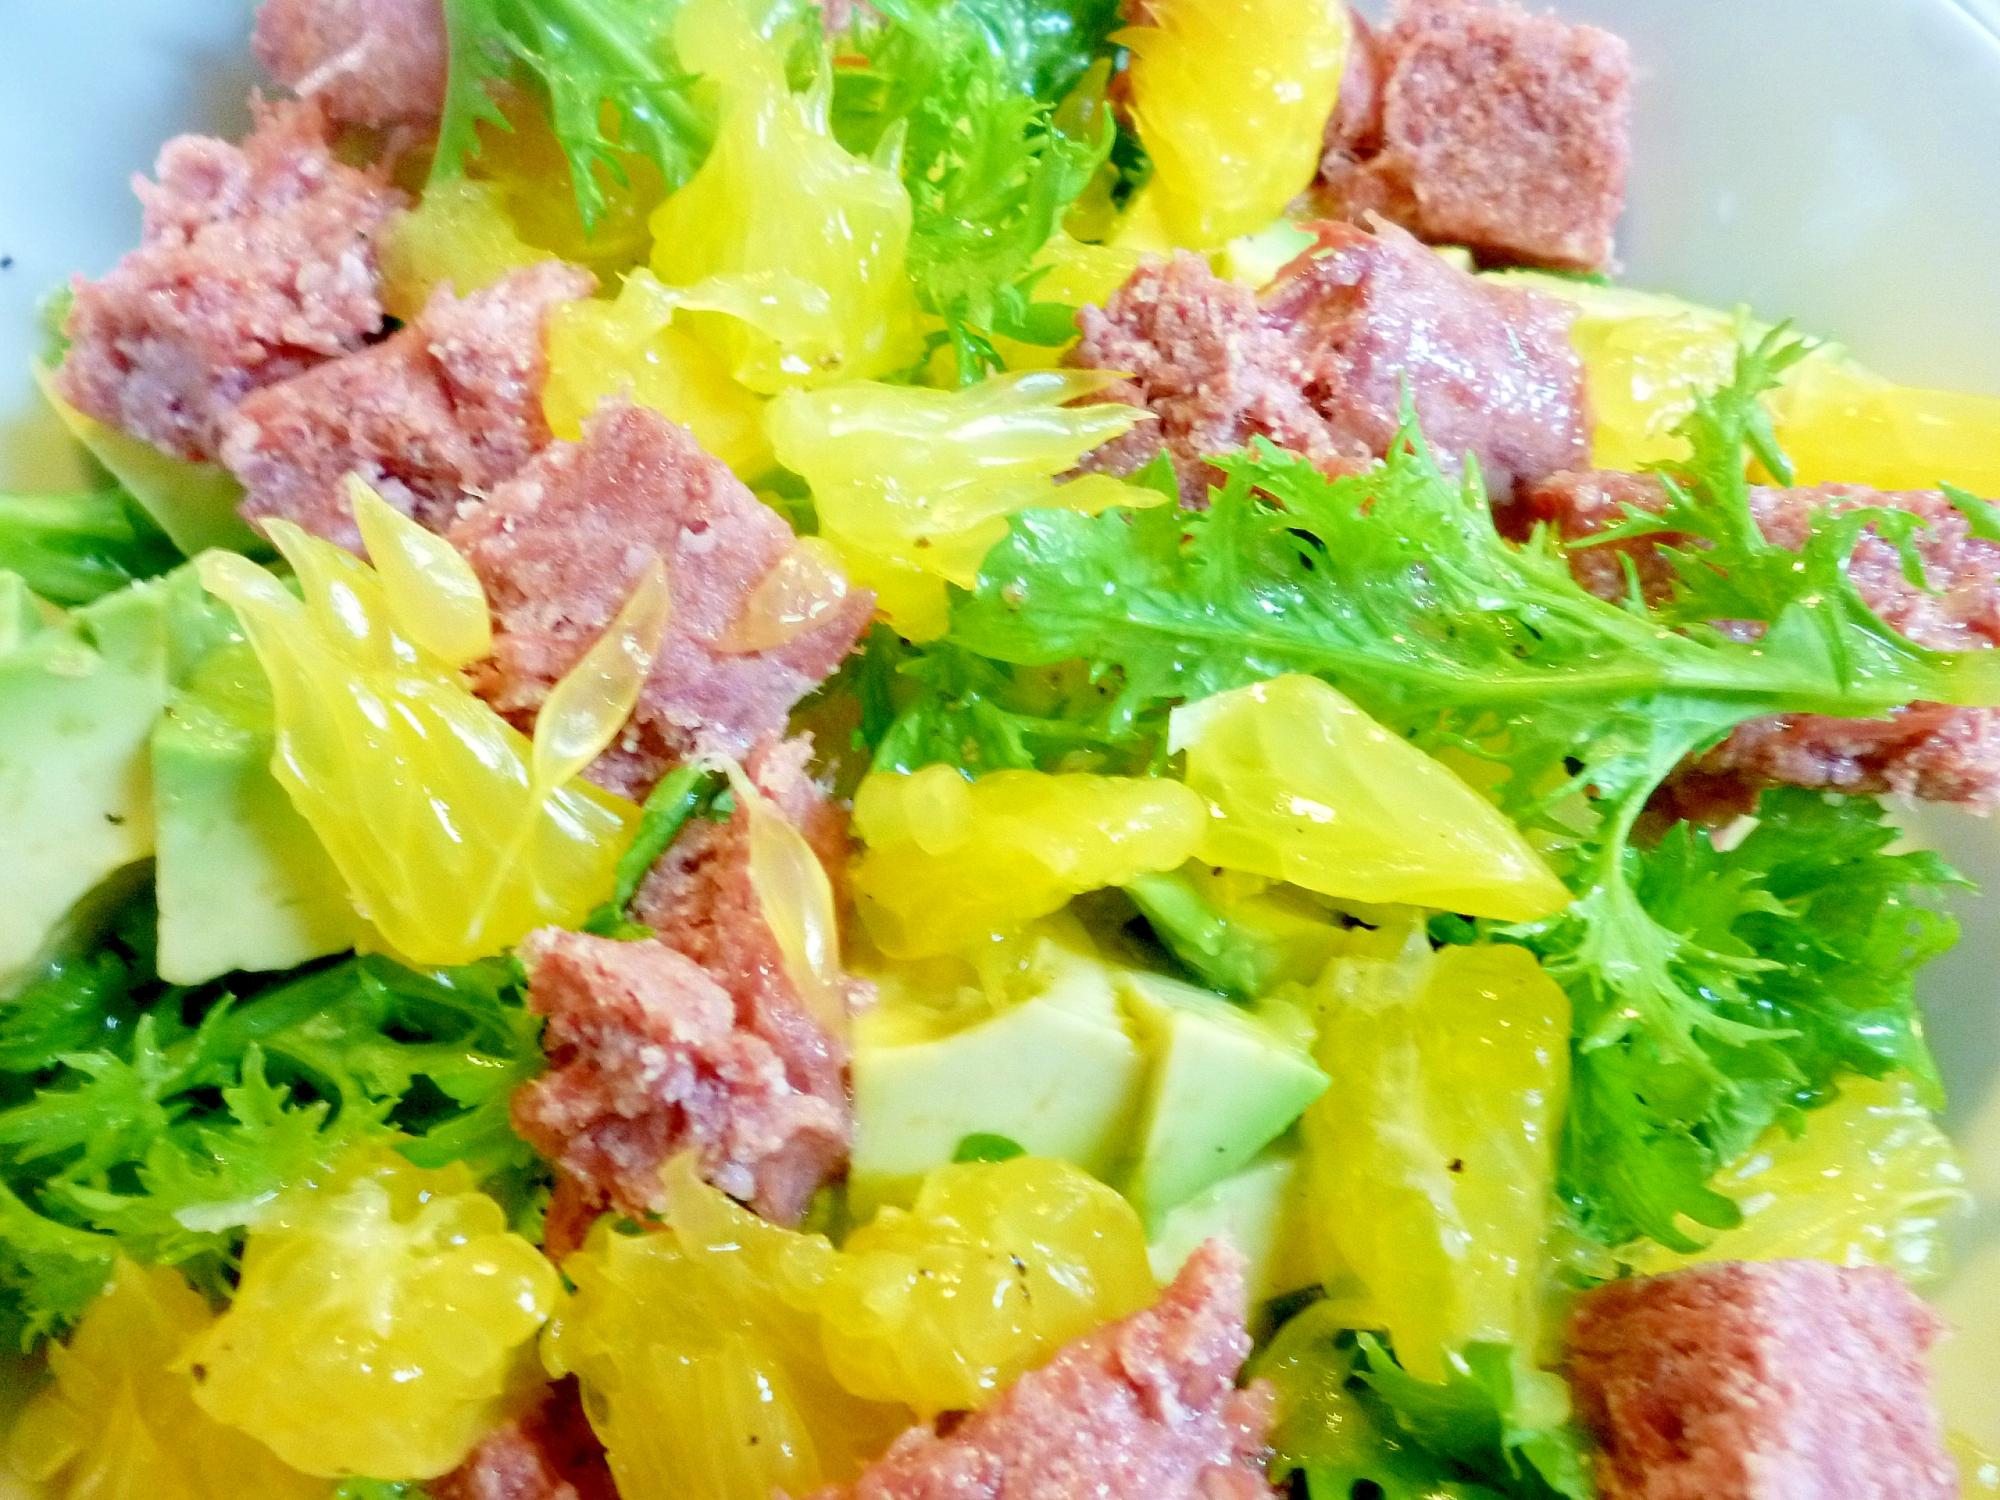 コンビーフ・甘夏・わさび菜のサラダ